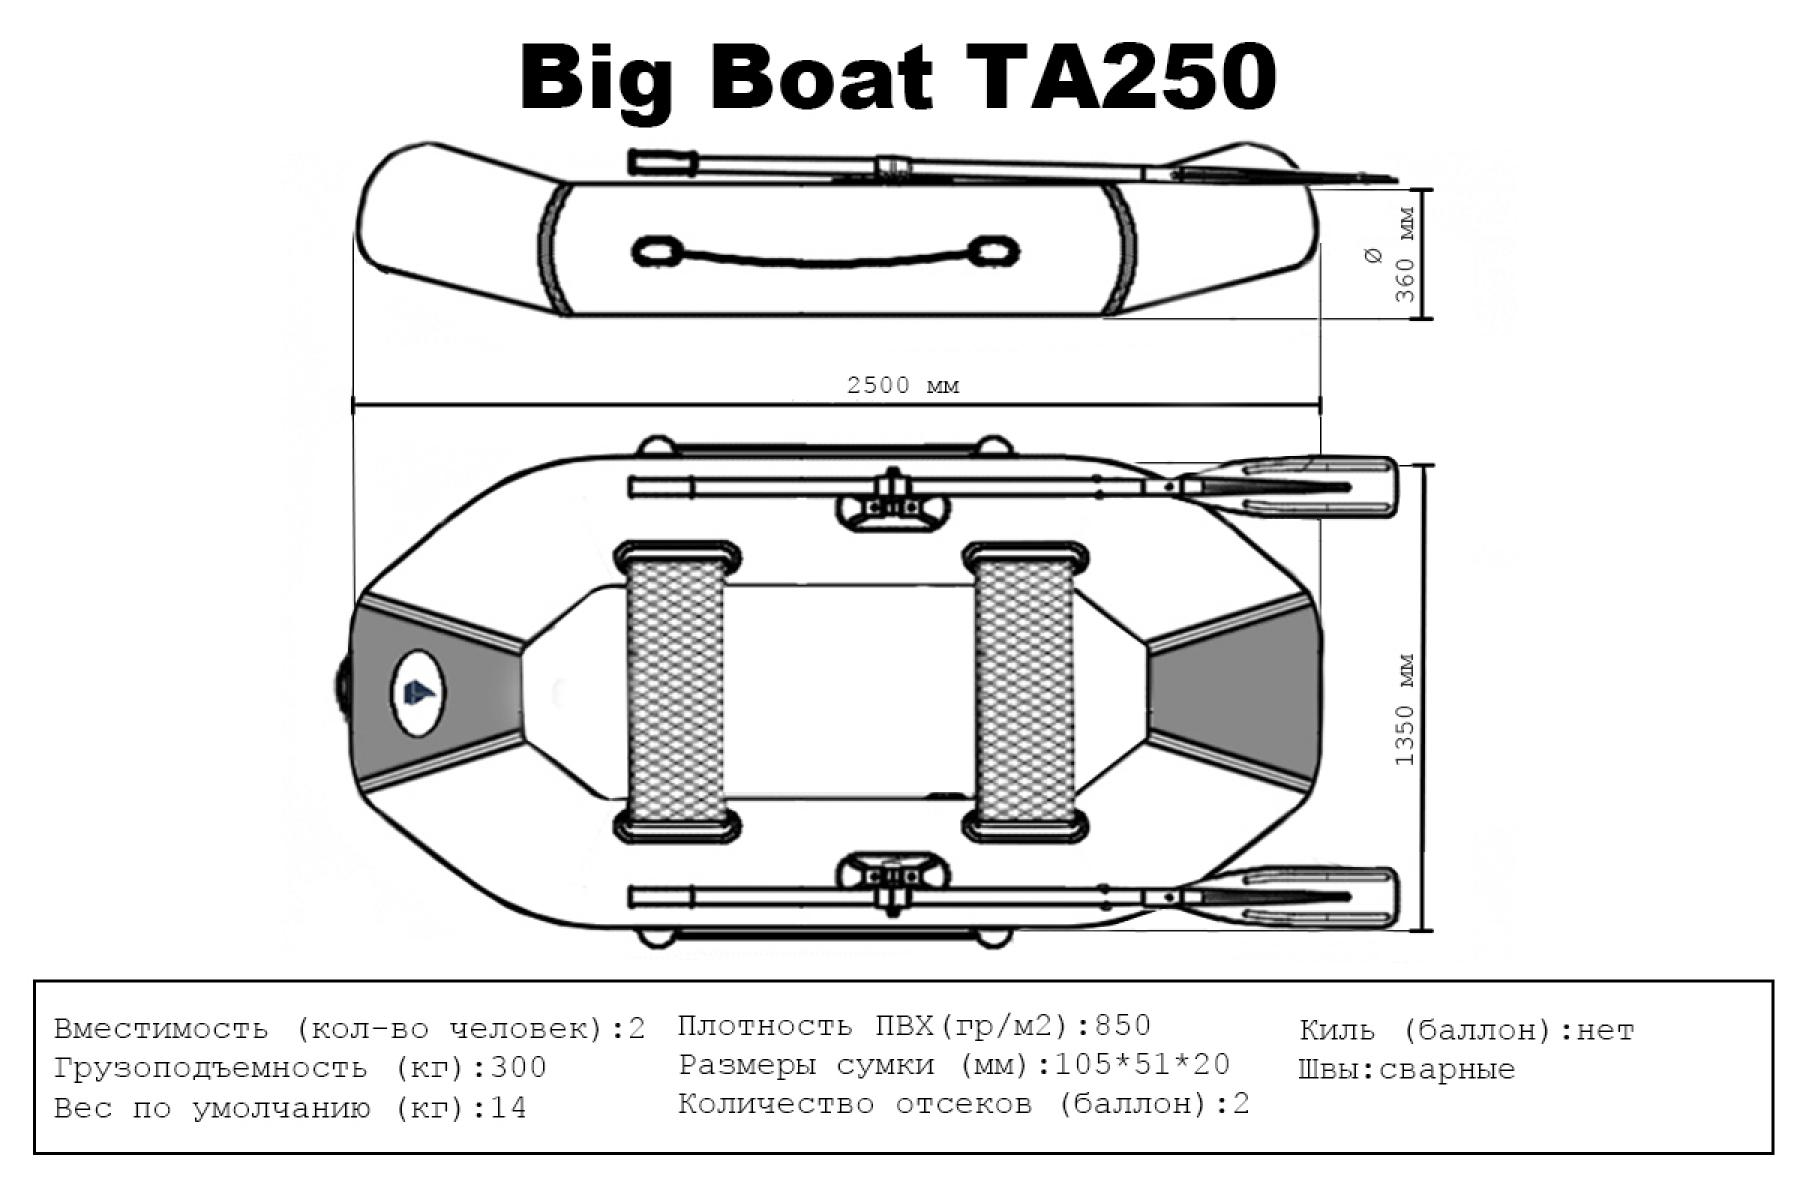 Лодка ПВХ Big Boat ТА250